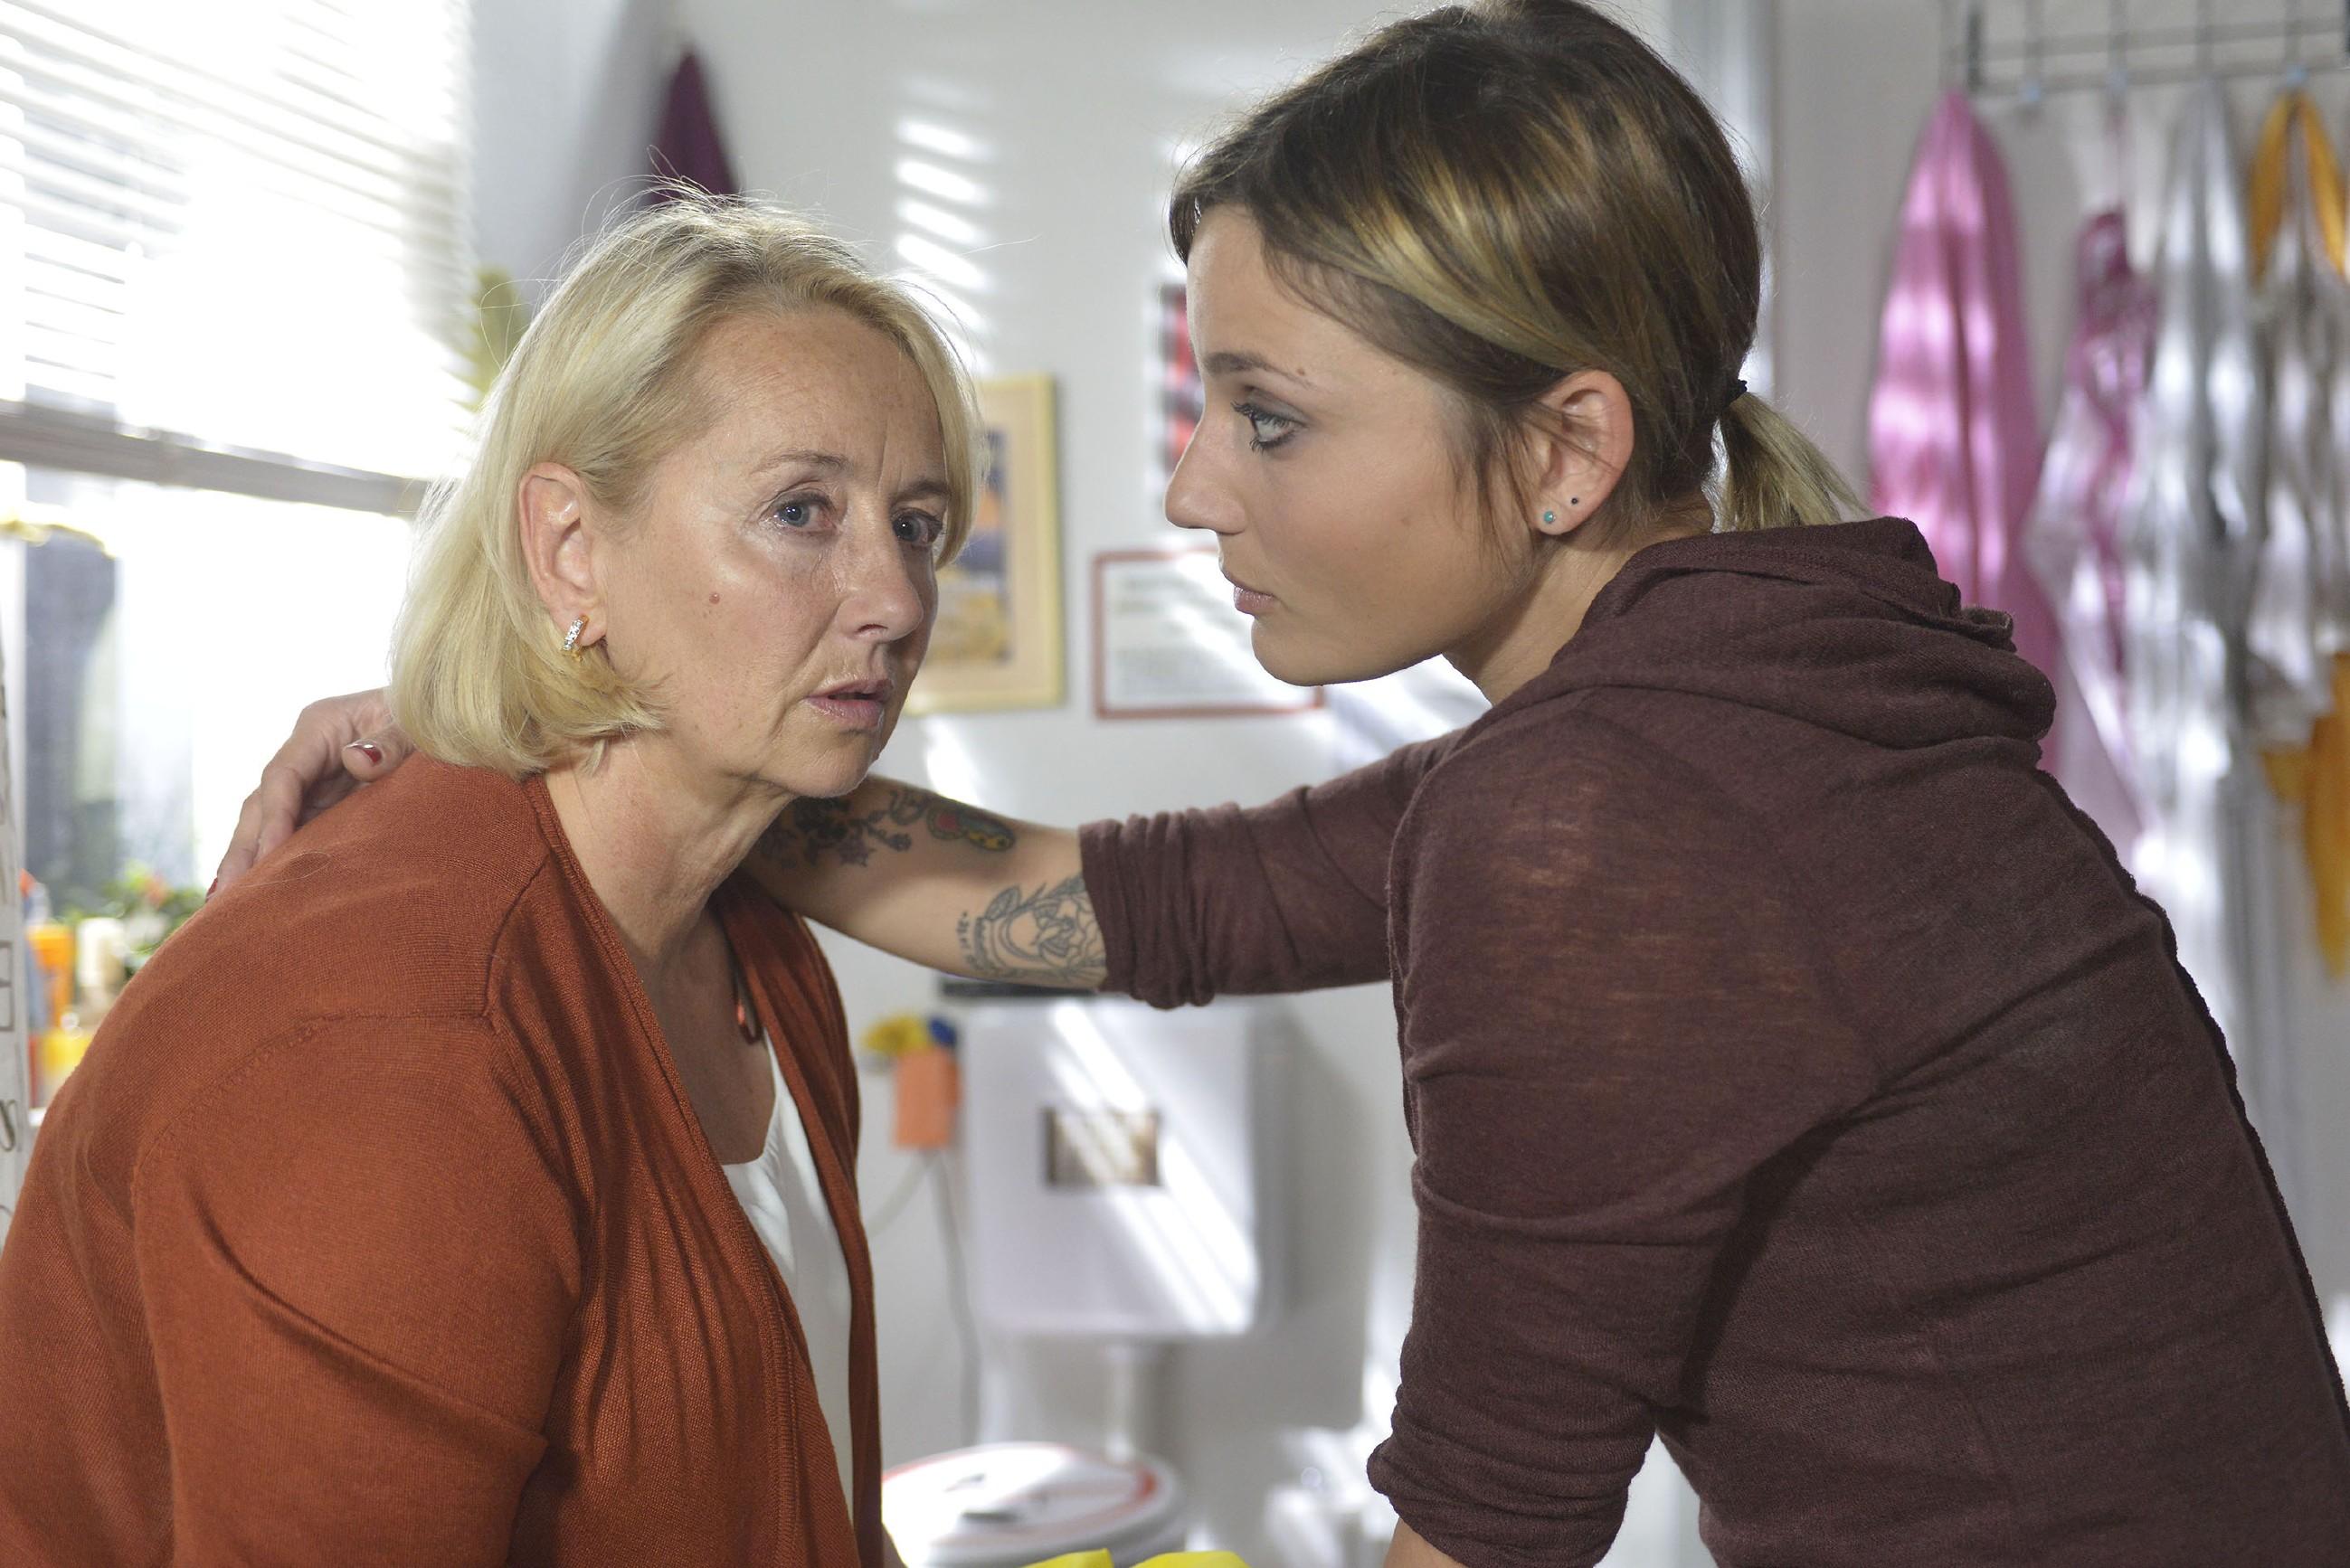 Anni (Linda Marlen Runge, r.) versucht einen Schrit auf ihre Mutter Christel (Imke Büchel) zuzugehen. (Quelle: RTL / Rolf Baumgartner)